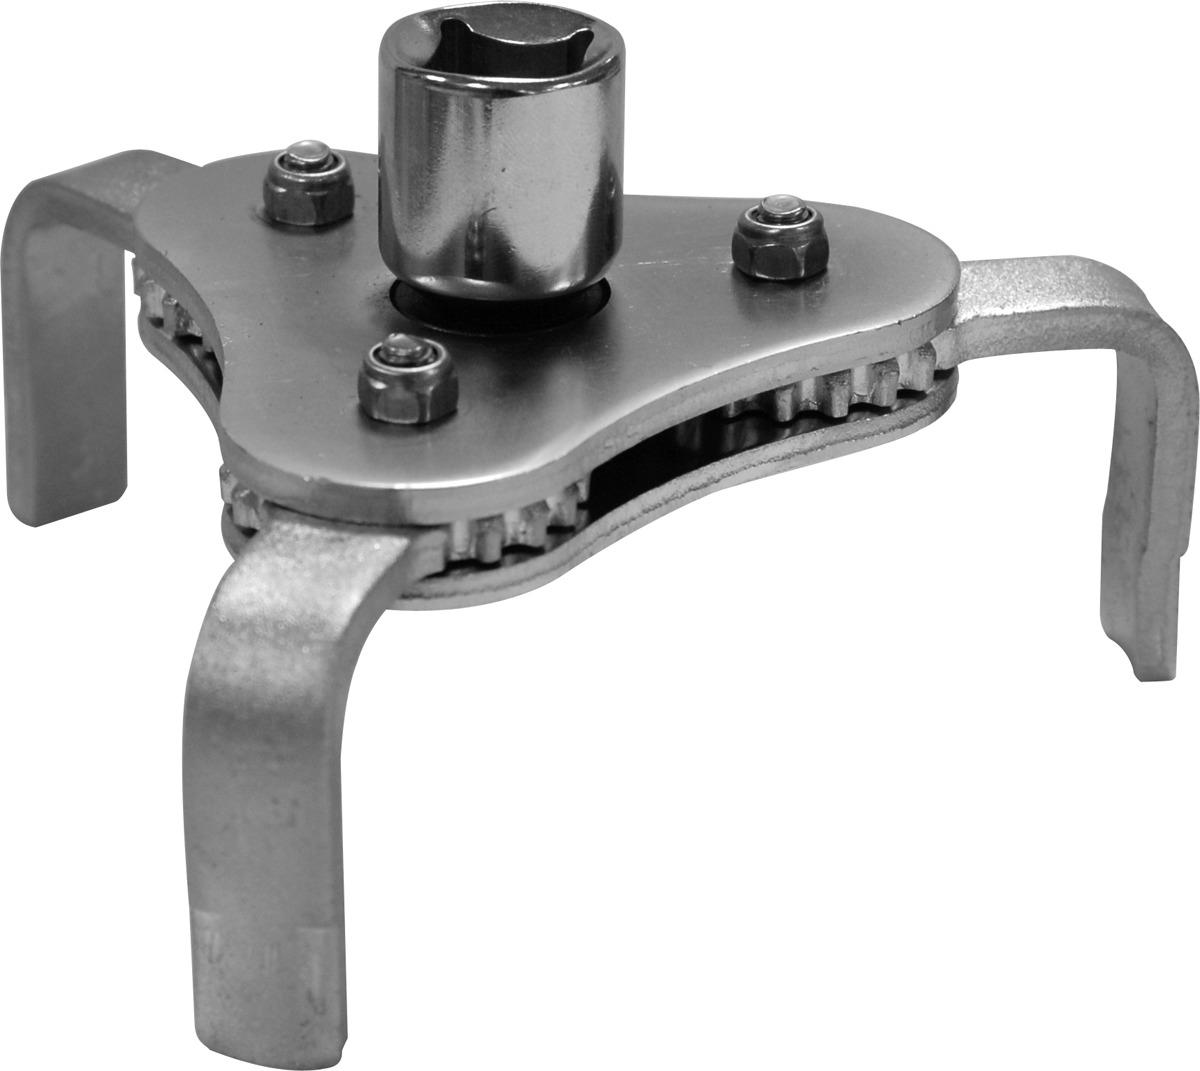 Съемник масляных фильтров Кратон, 63-102 мм